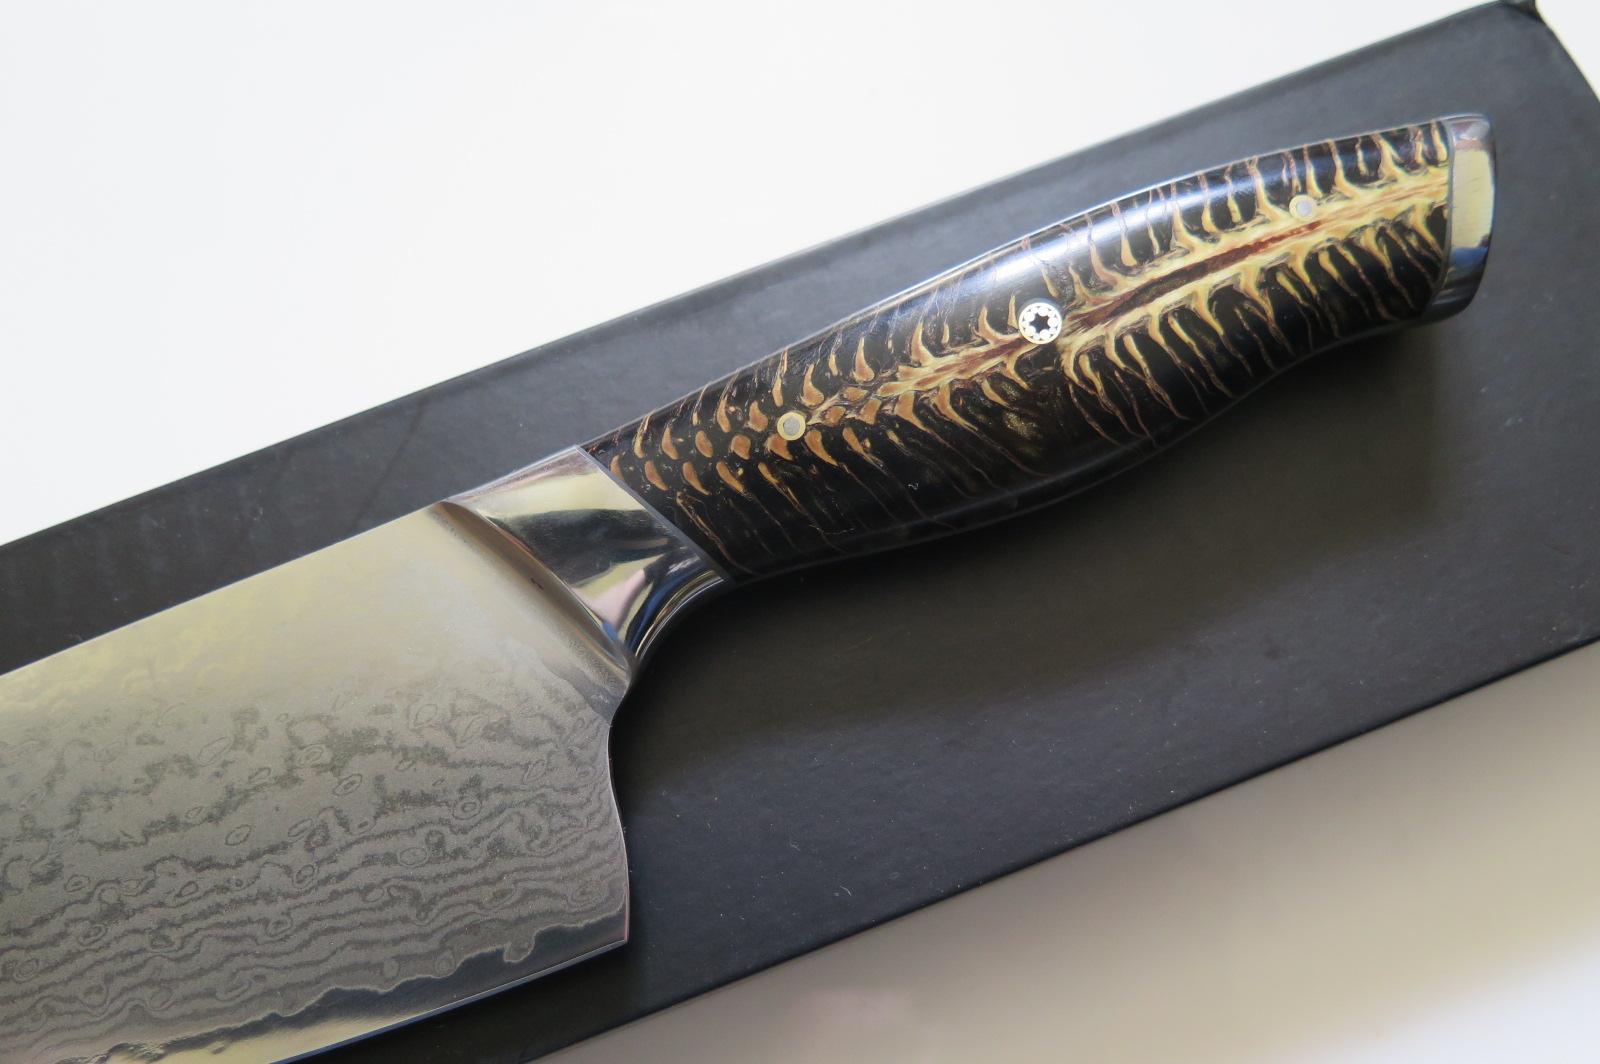 custom vg10 chef knives